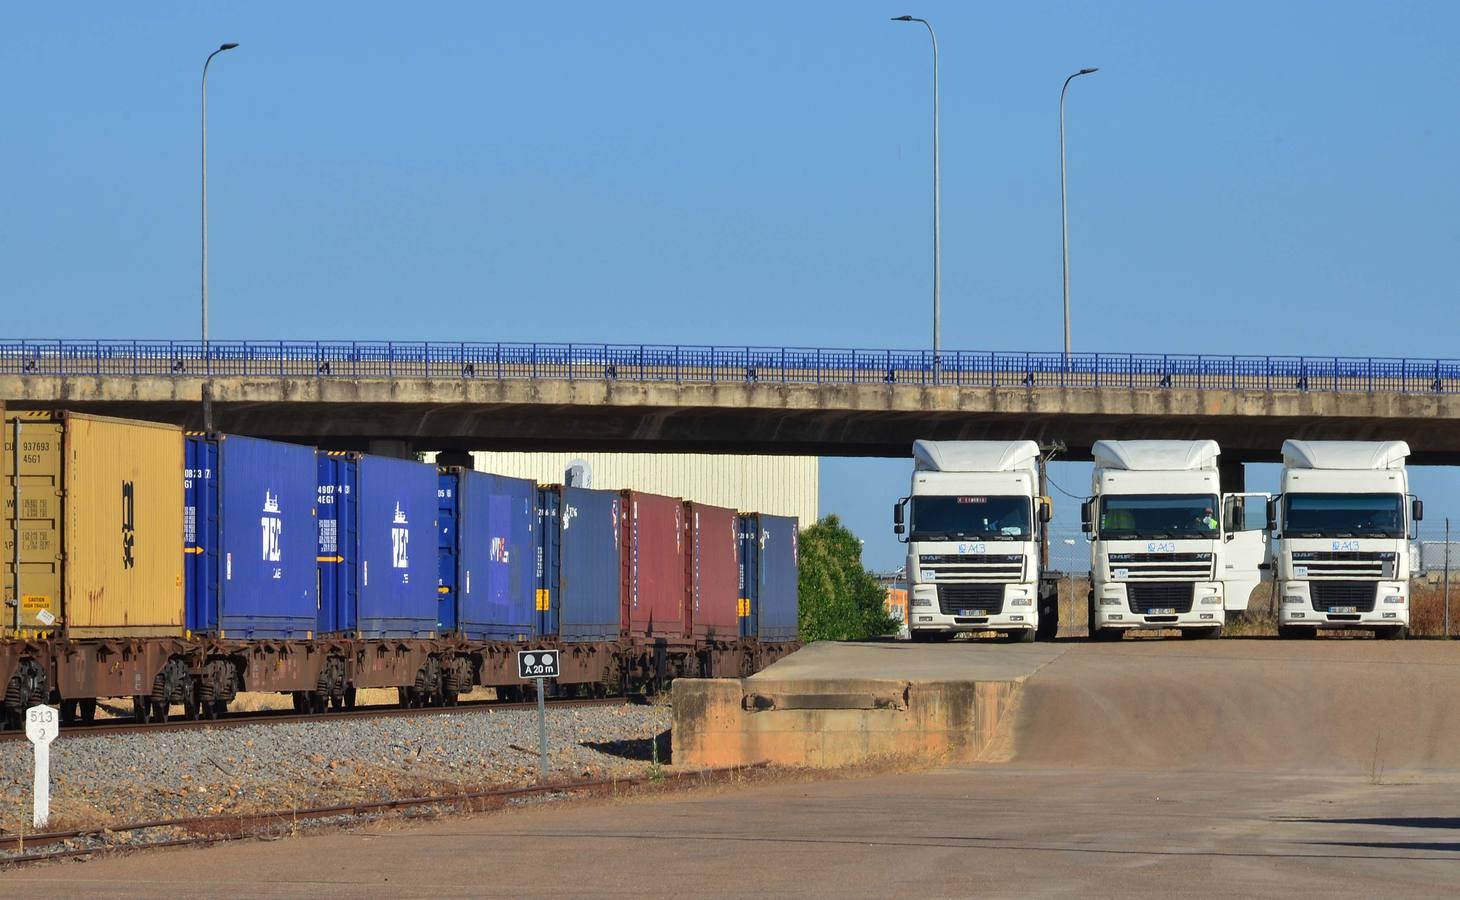 El transporte de mercancías se reanuda con tres trenes esta semana | Hoy